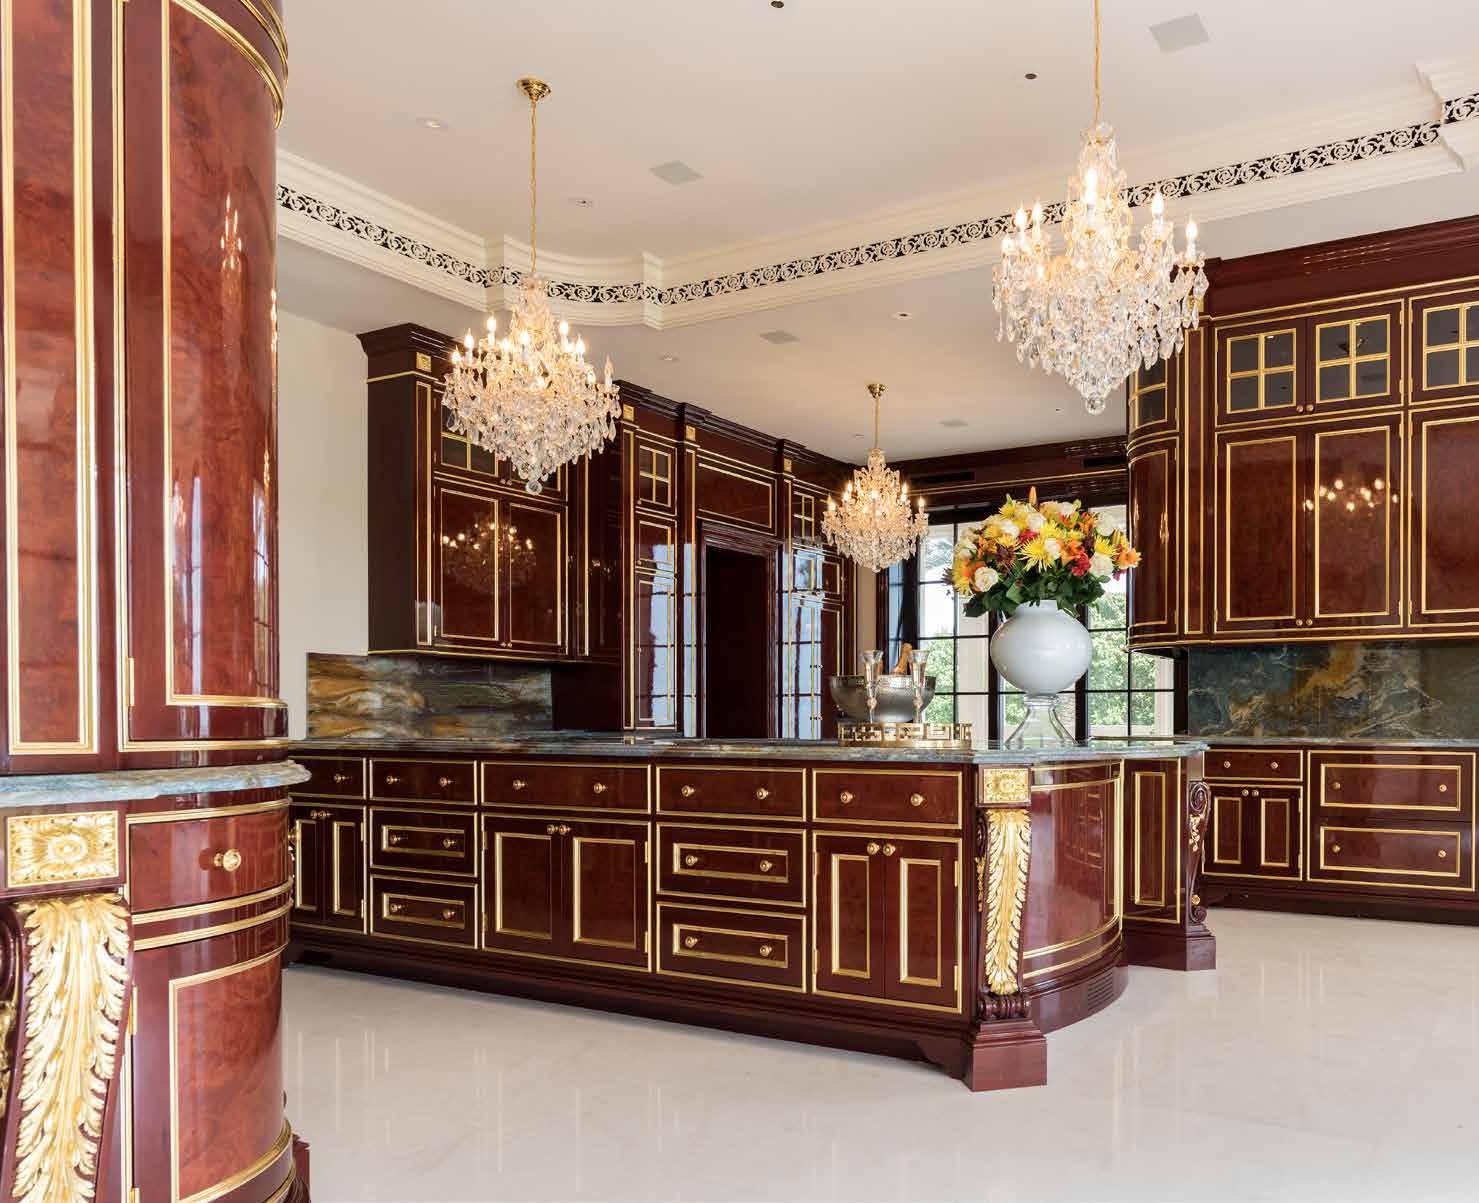 e-palais-royal-kitchen